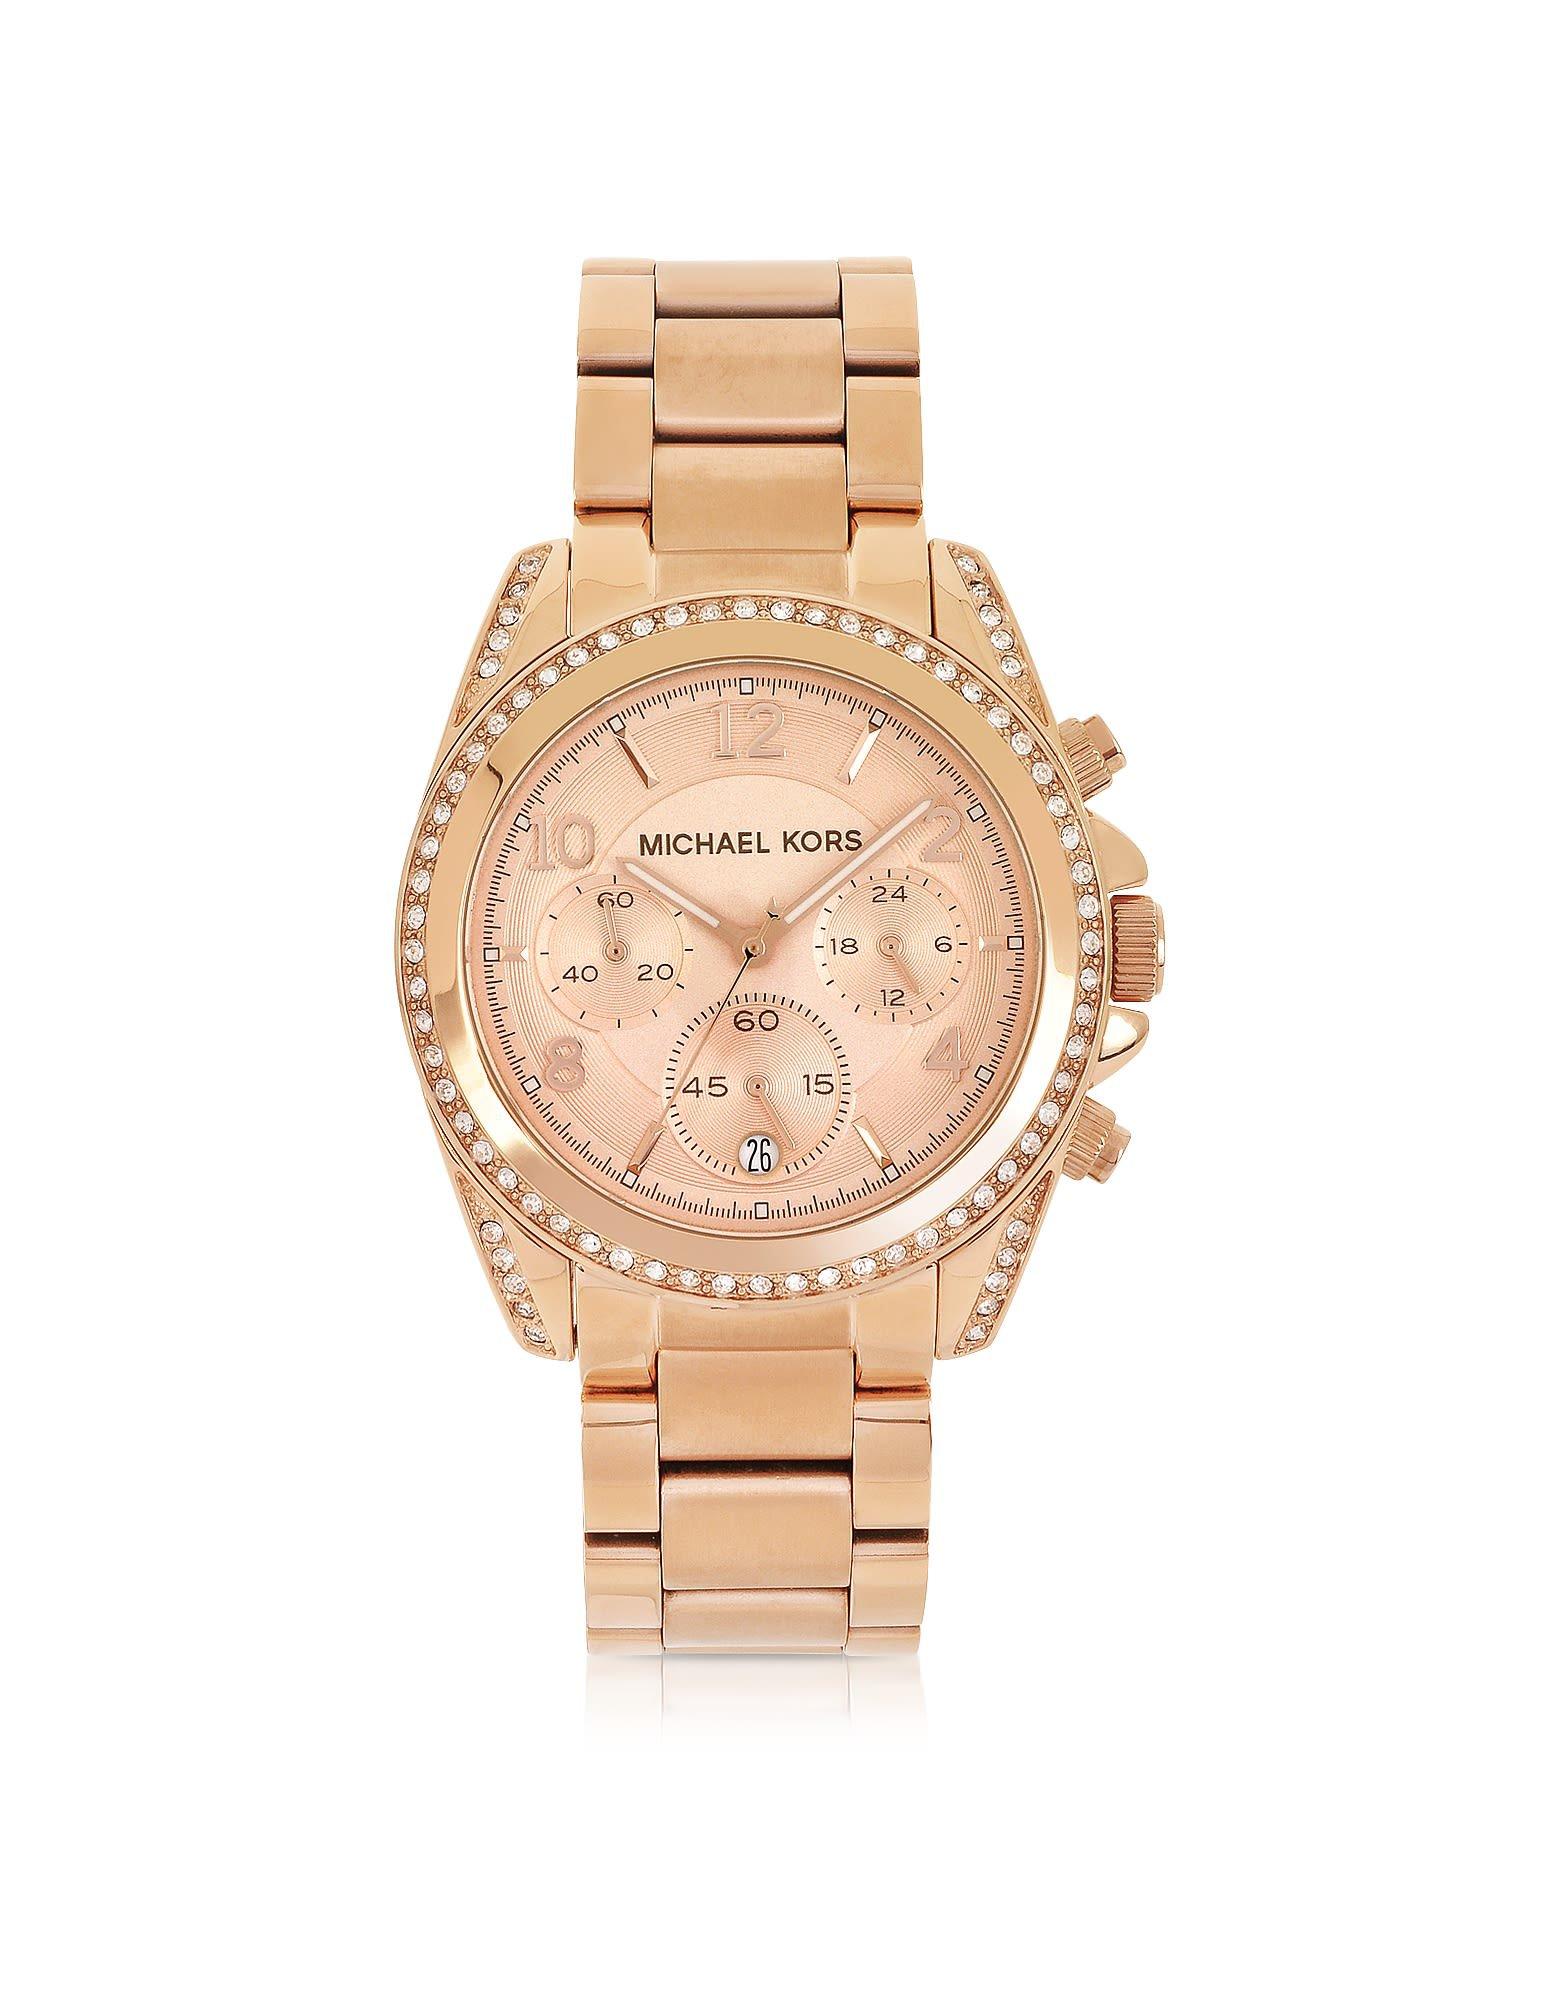 Michael Kors Rose Golden Stainless Steel Blair Chronograph Glitz Women's Watch